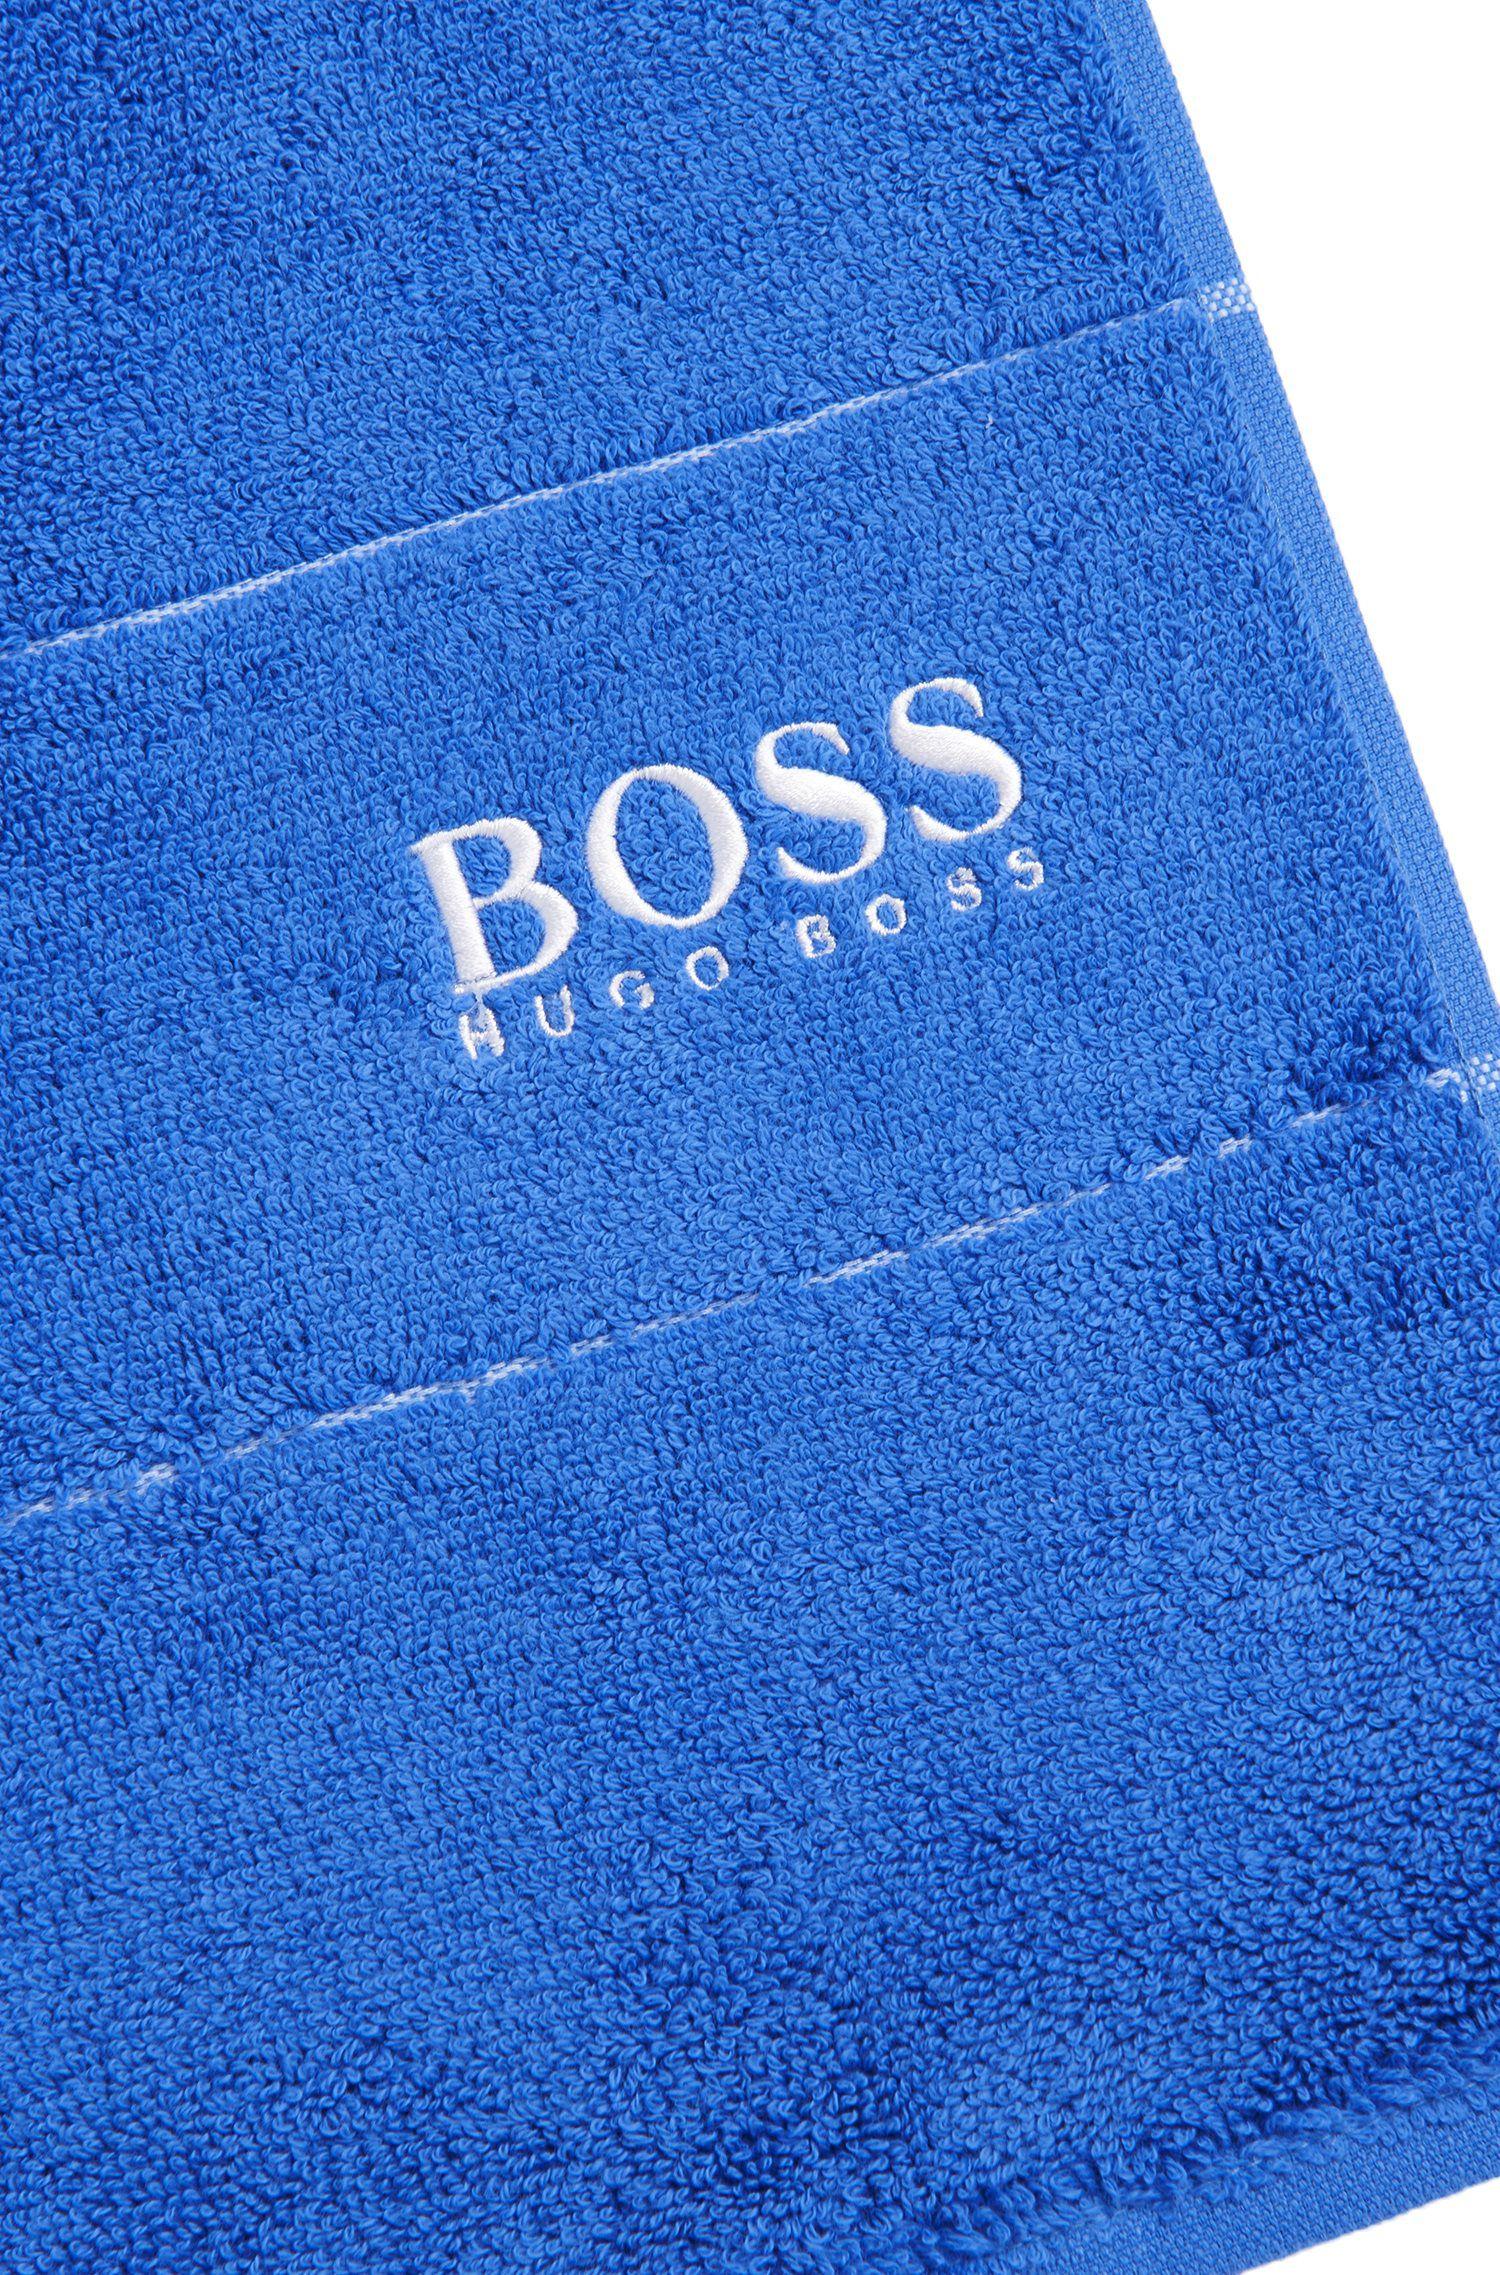 Asciugamano per le mani in raffinato cotone egiziano con bordo griffato, Assorted-Pre-Pack